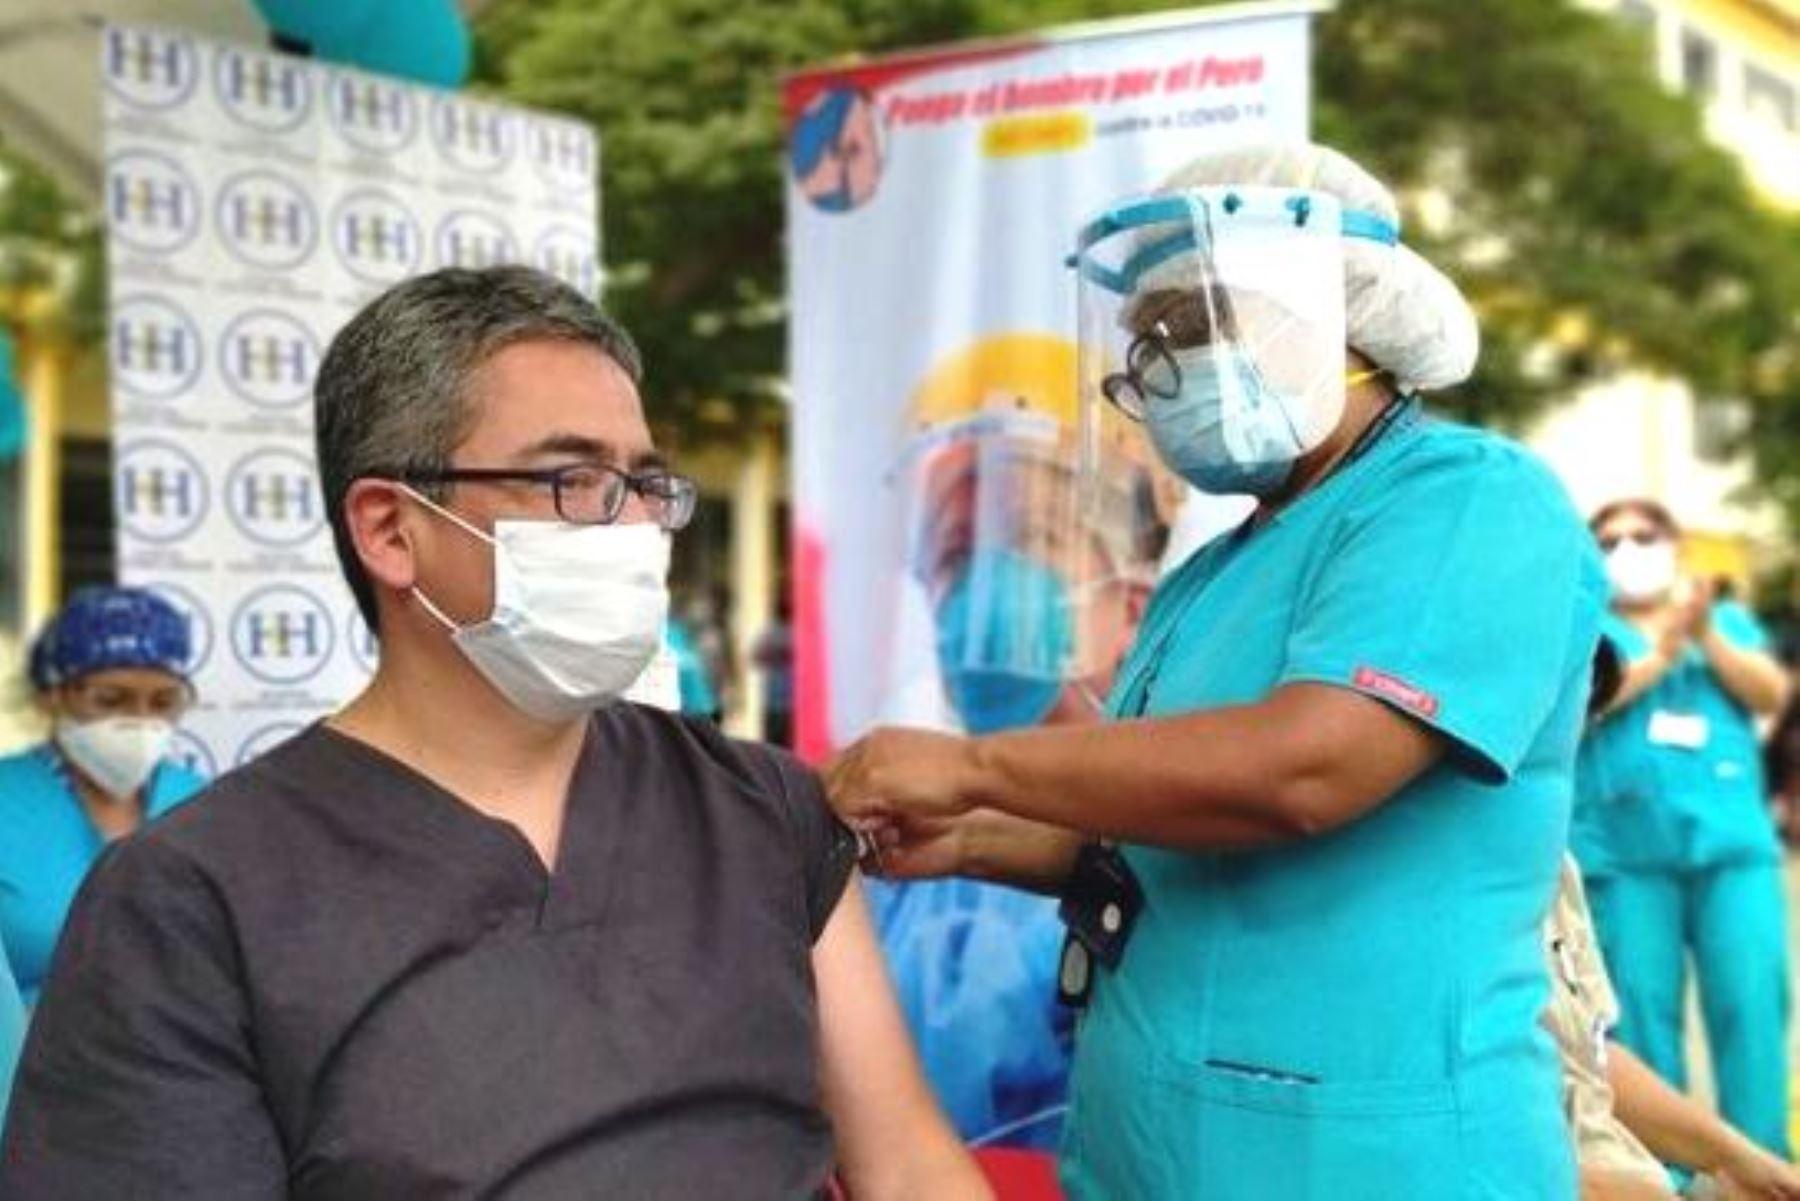 Covid-19: bajan contagios entre personal del hospital Cayetano Heredia tras vacunación. Foto: ANDINA/Difusión.